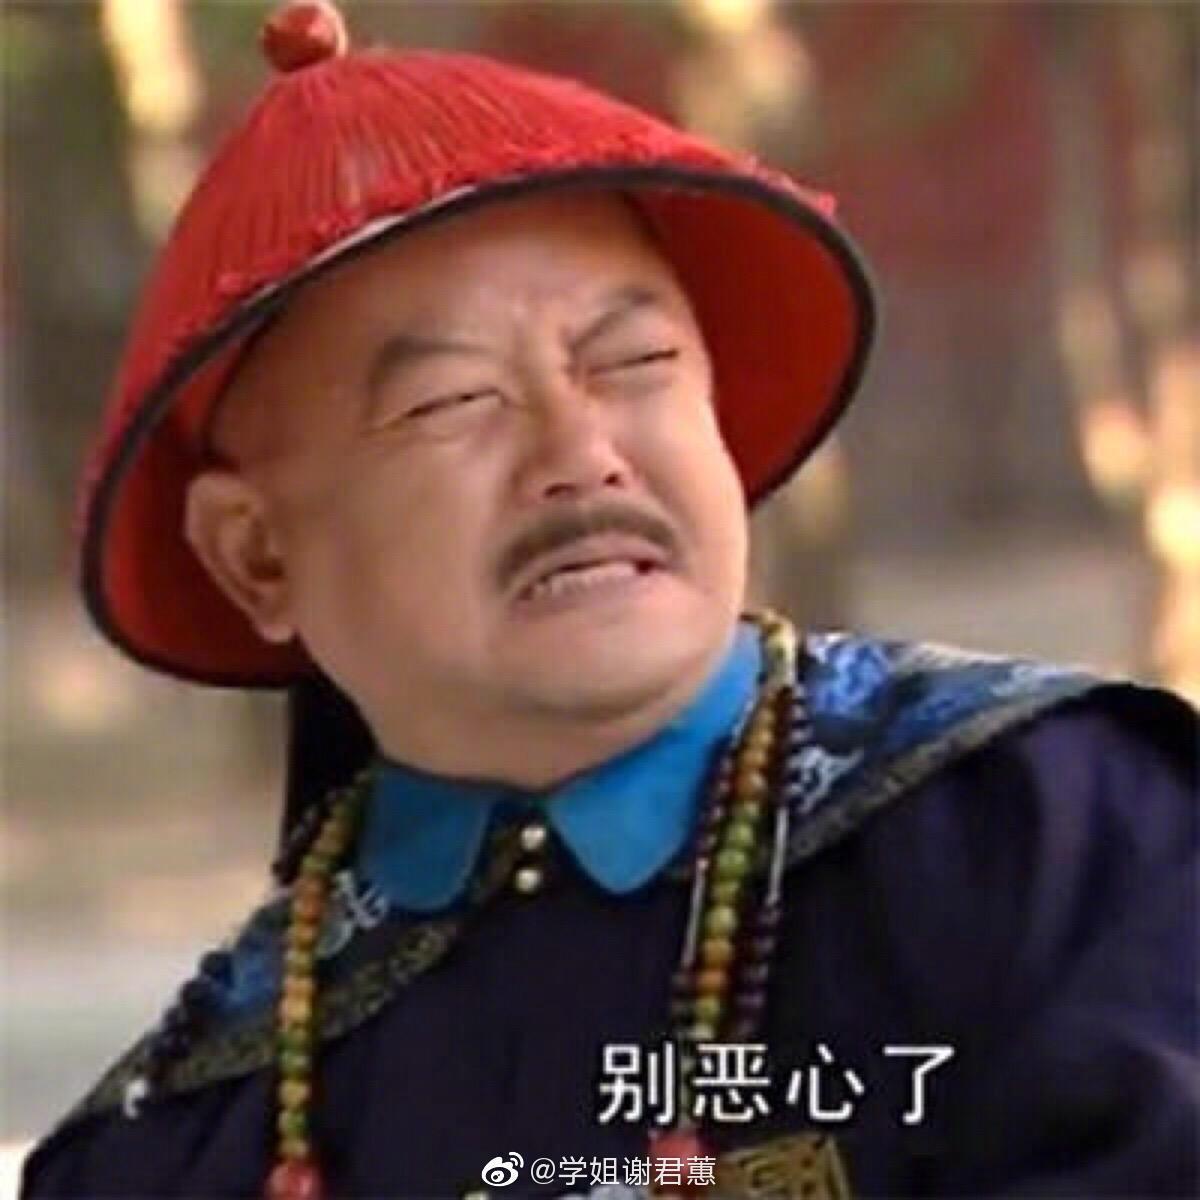 最近觉得王刚老师真的好可爱啊啊啊啊